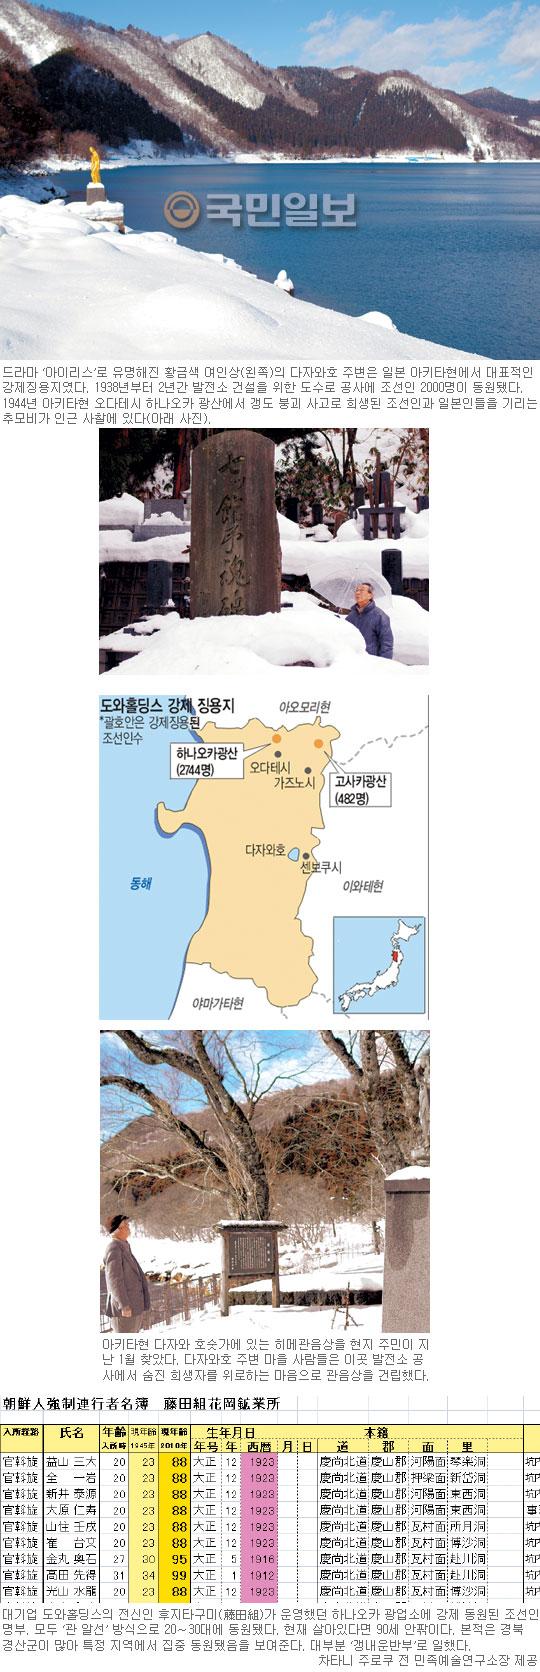 [경술국치 100년] 드라마 '아이리스'의 그 호수엔 숨져간 조선인 恨이 흐르고 있었다 기사의 사진